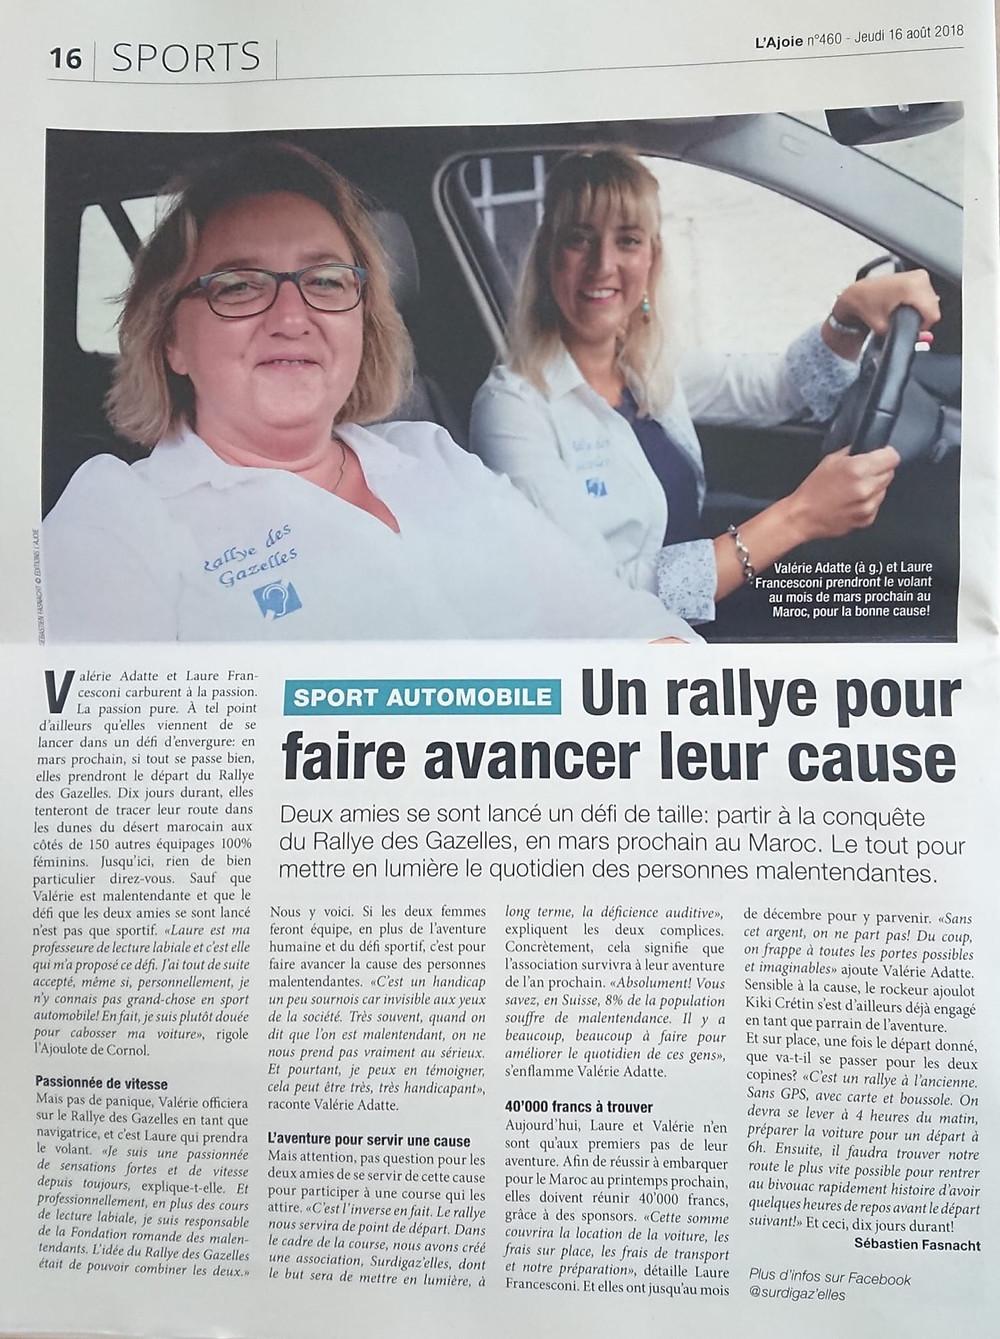 Journal Lajoie Surdigaz'Elles